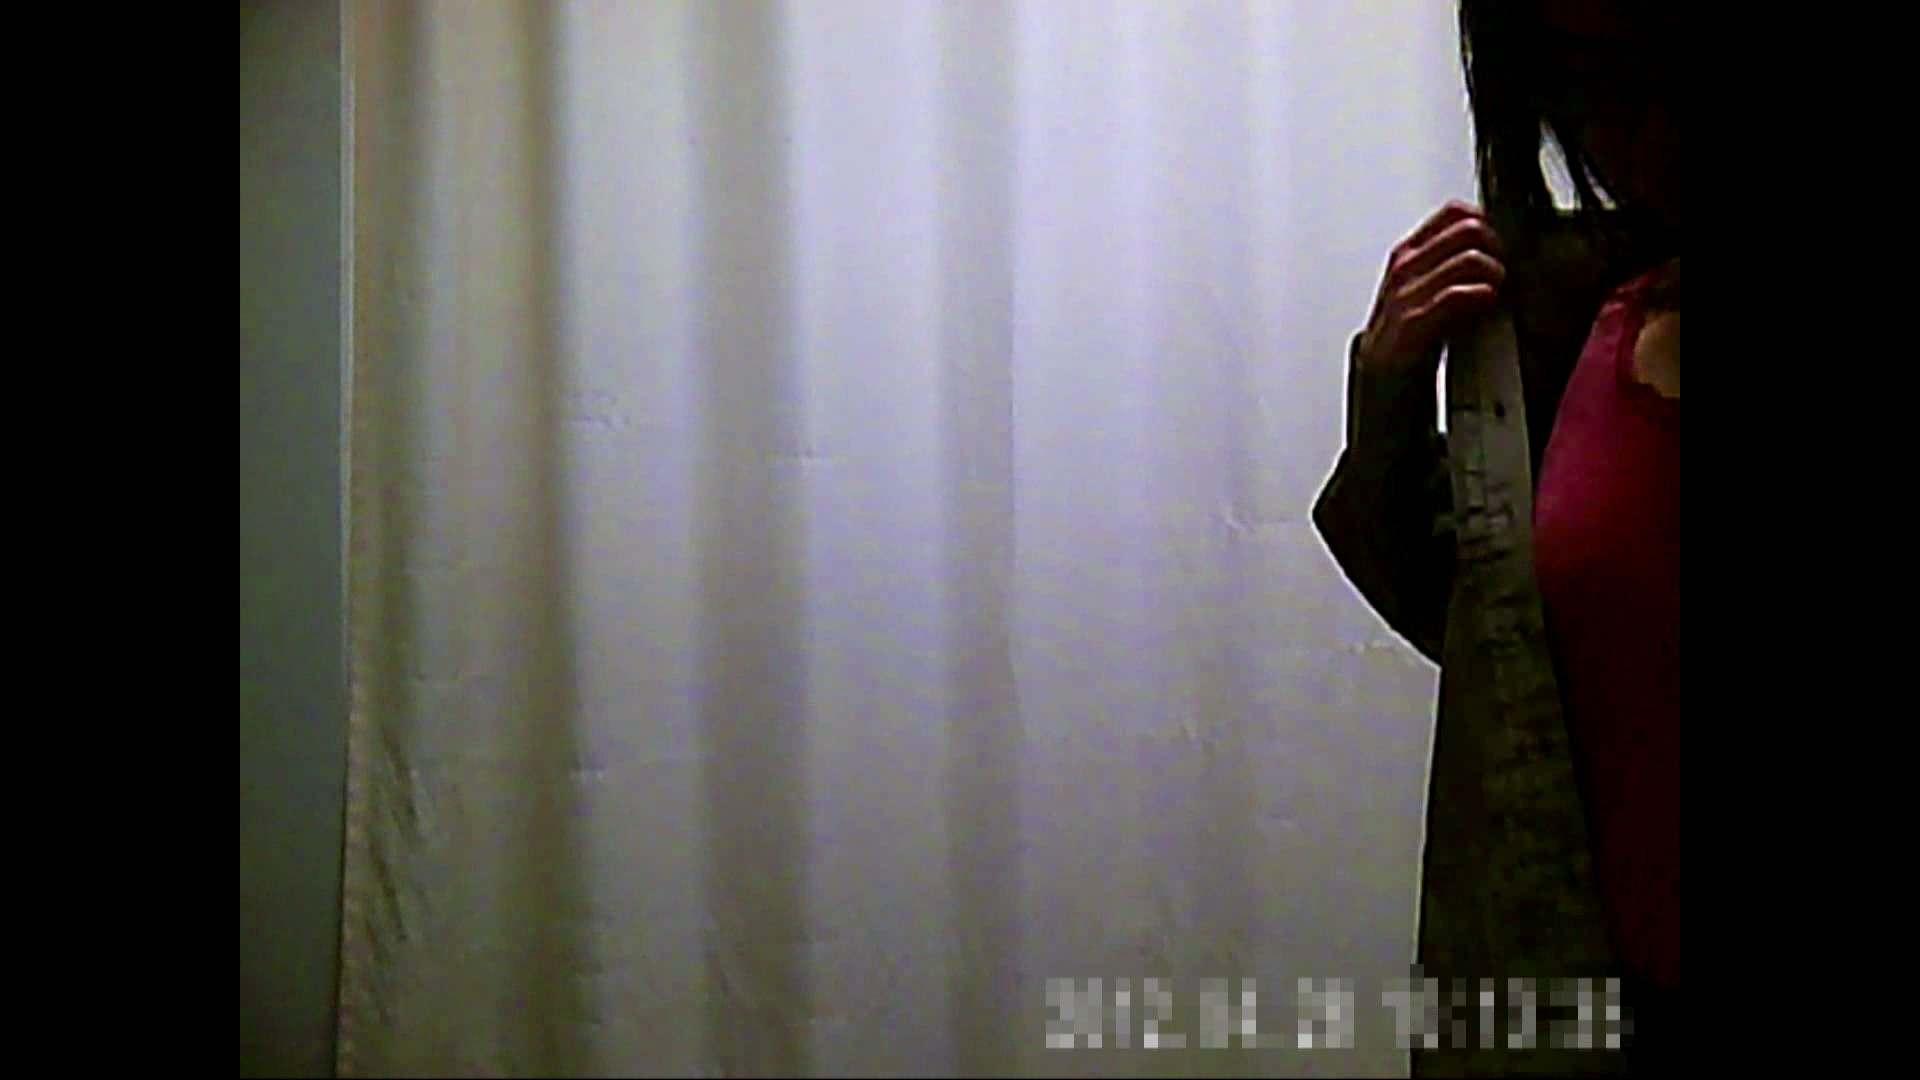 病院おもいっきり着替え! vol.292 娘 隠し撮りオマンコ動画紹介 59連発 39